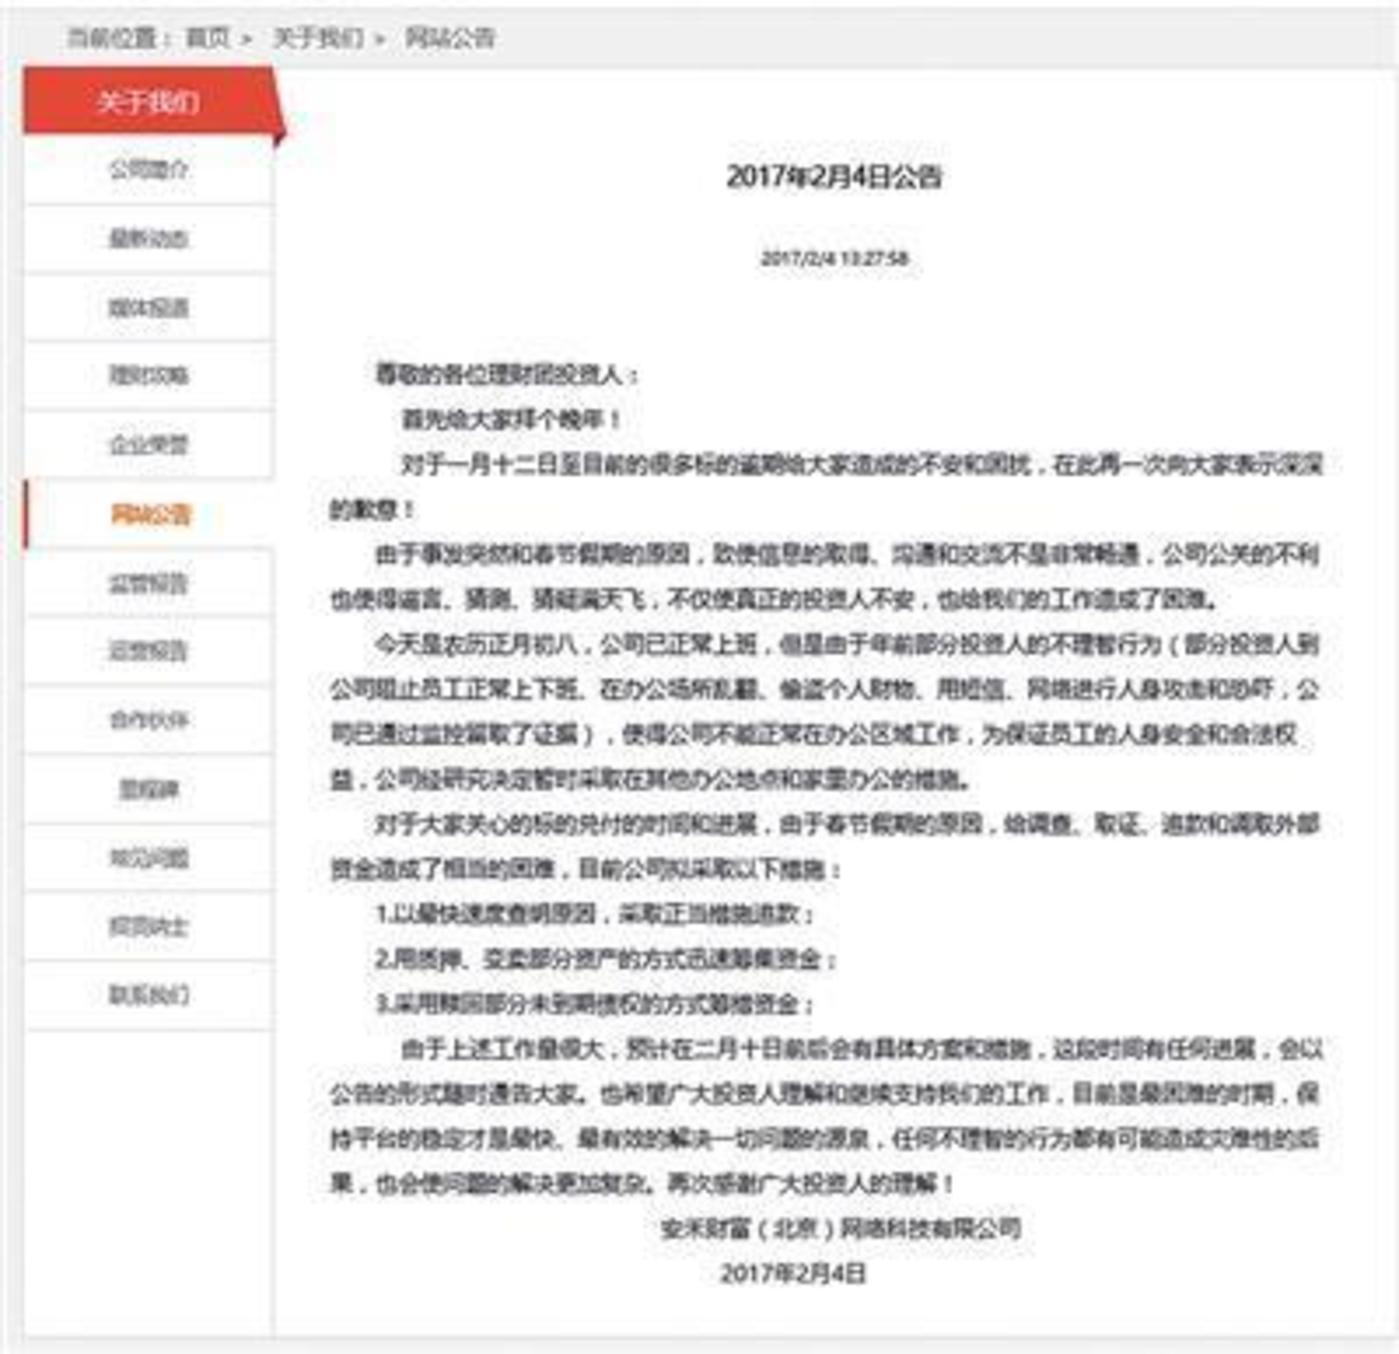 安禾财富发布的公告称,将用质押、变卖资产的方式迅速筹集资金。